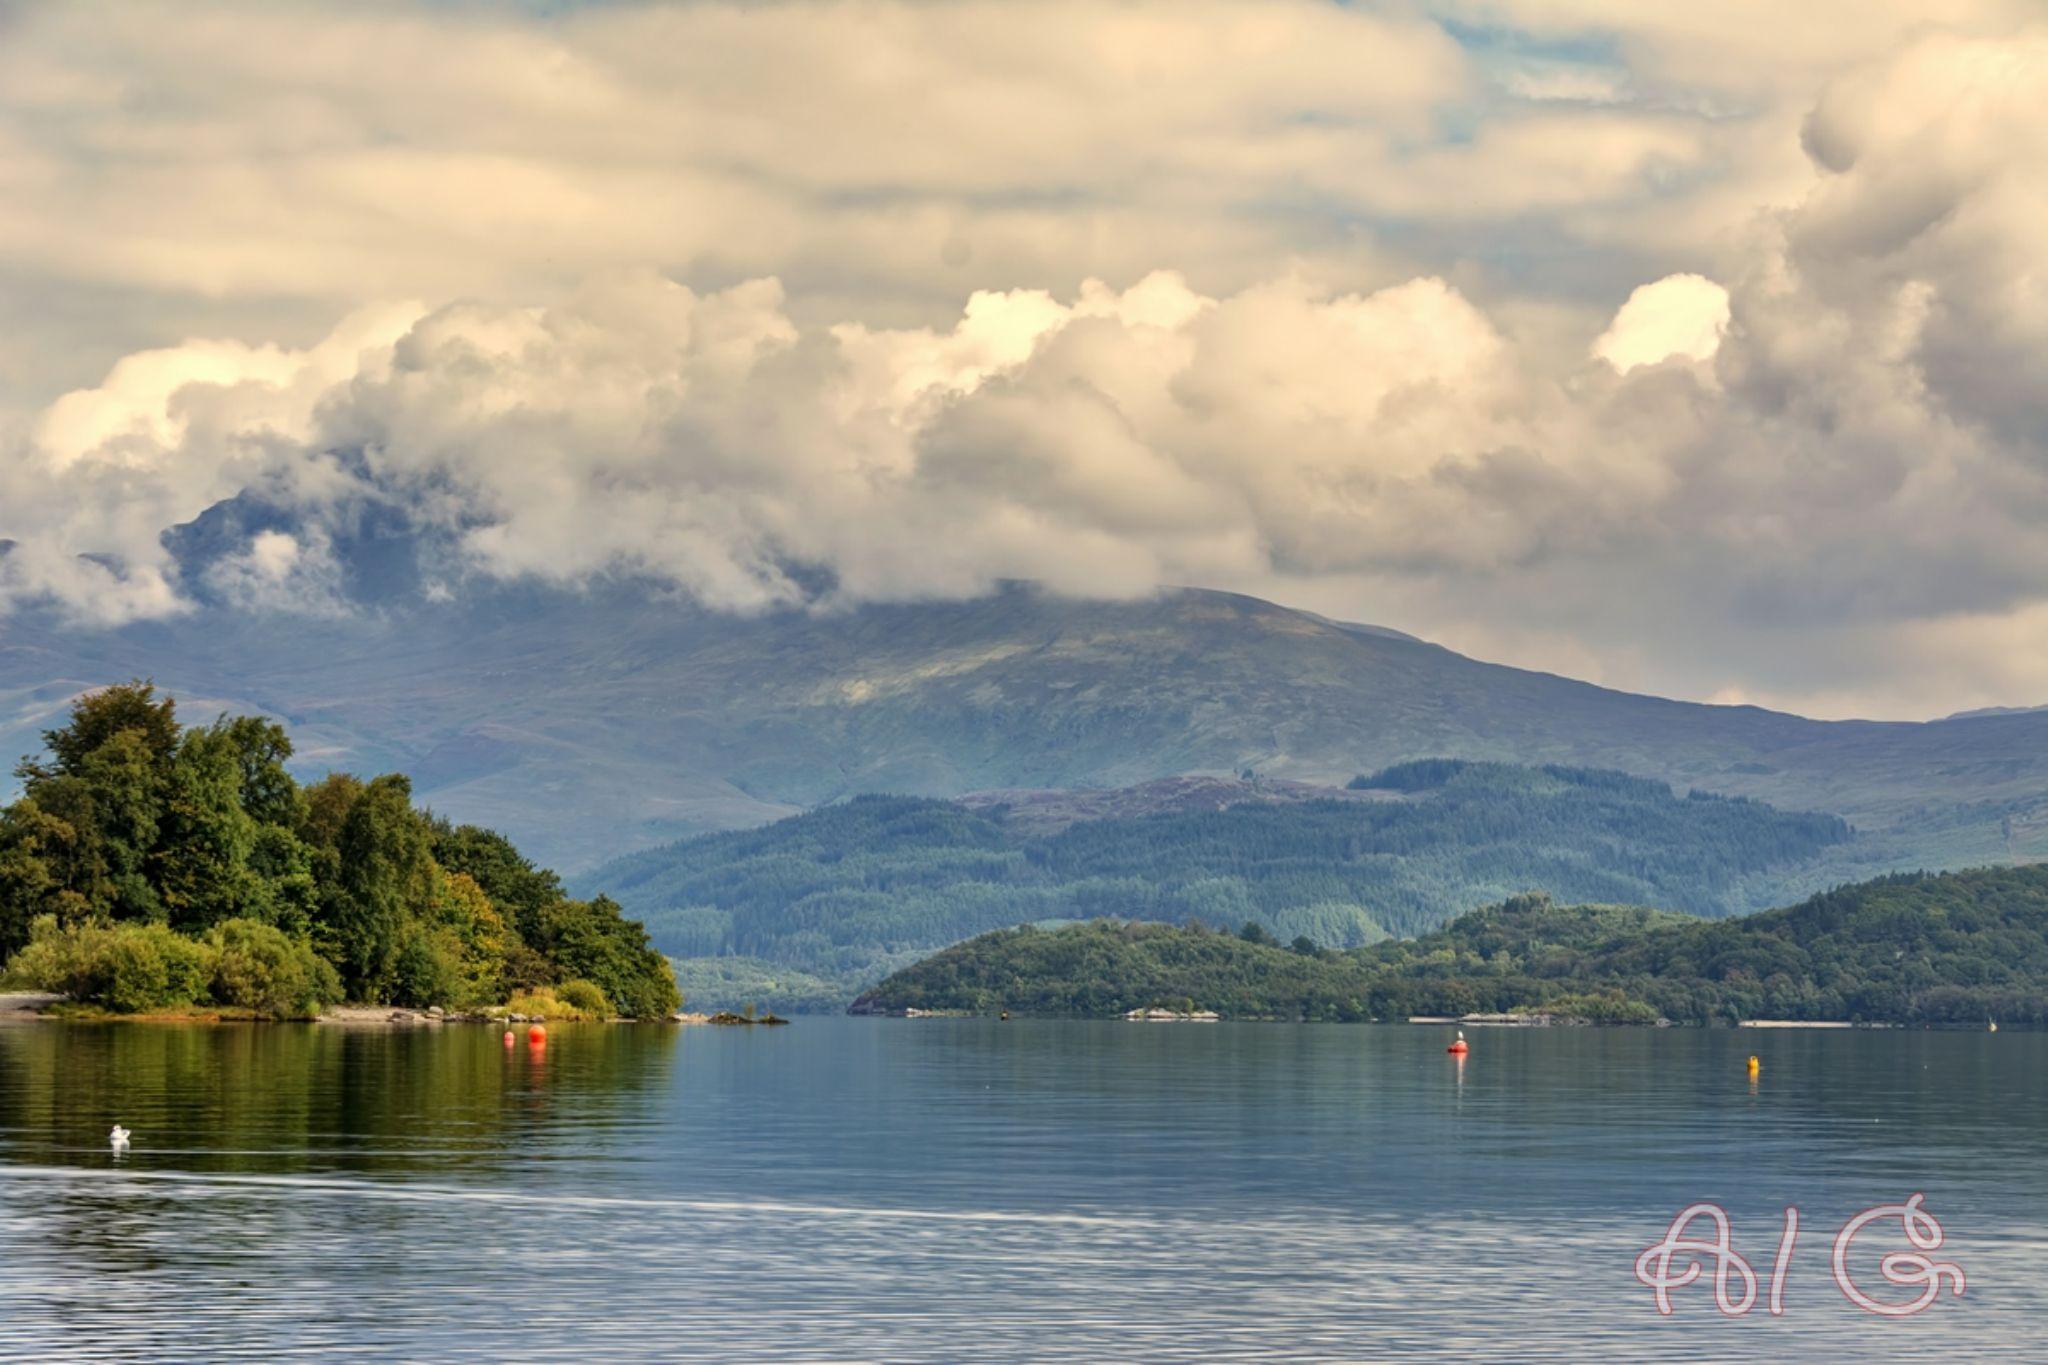 Loch lomond by AlanG